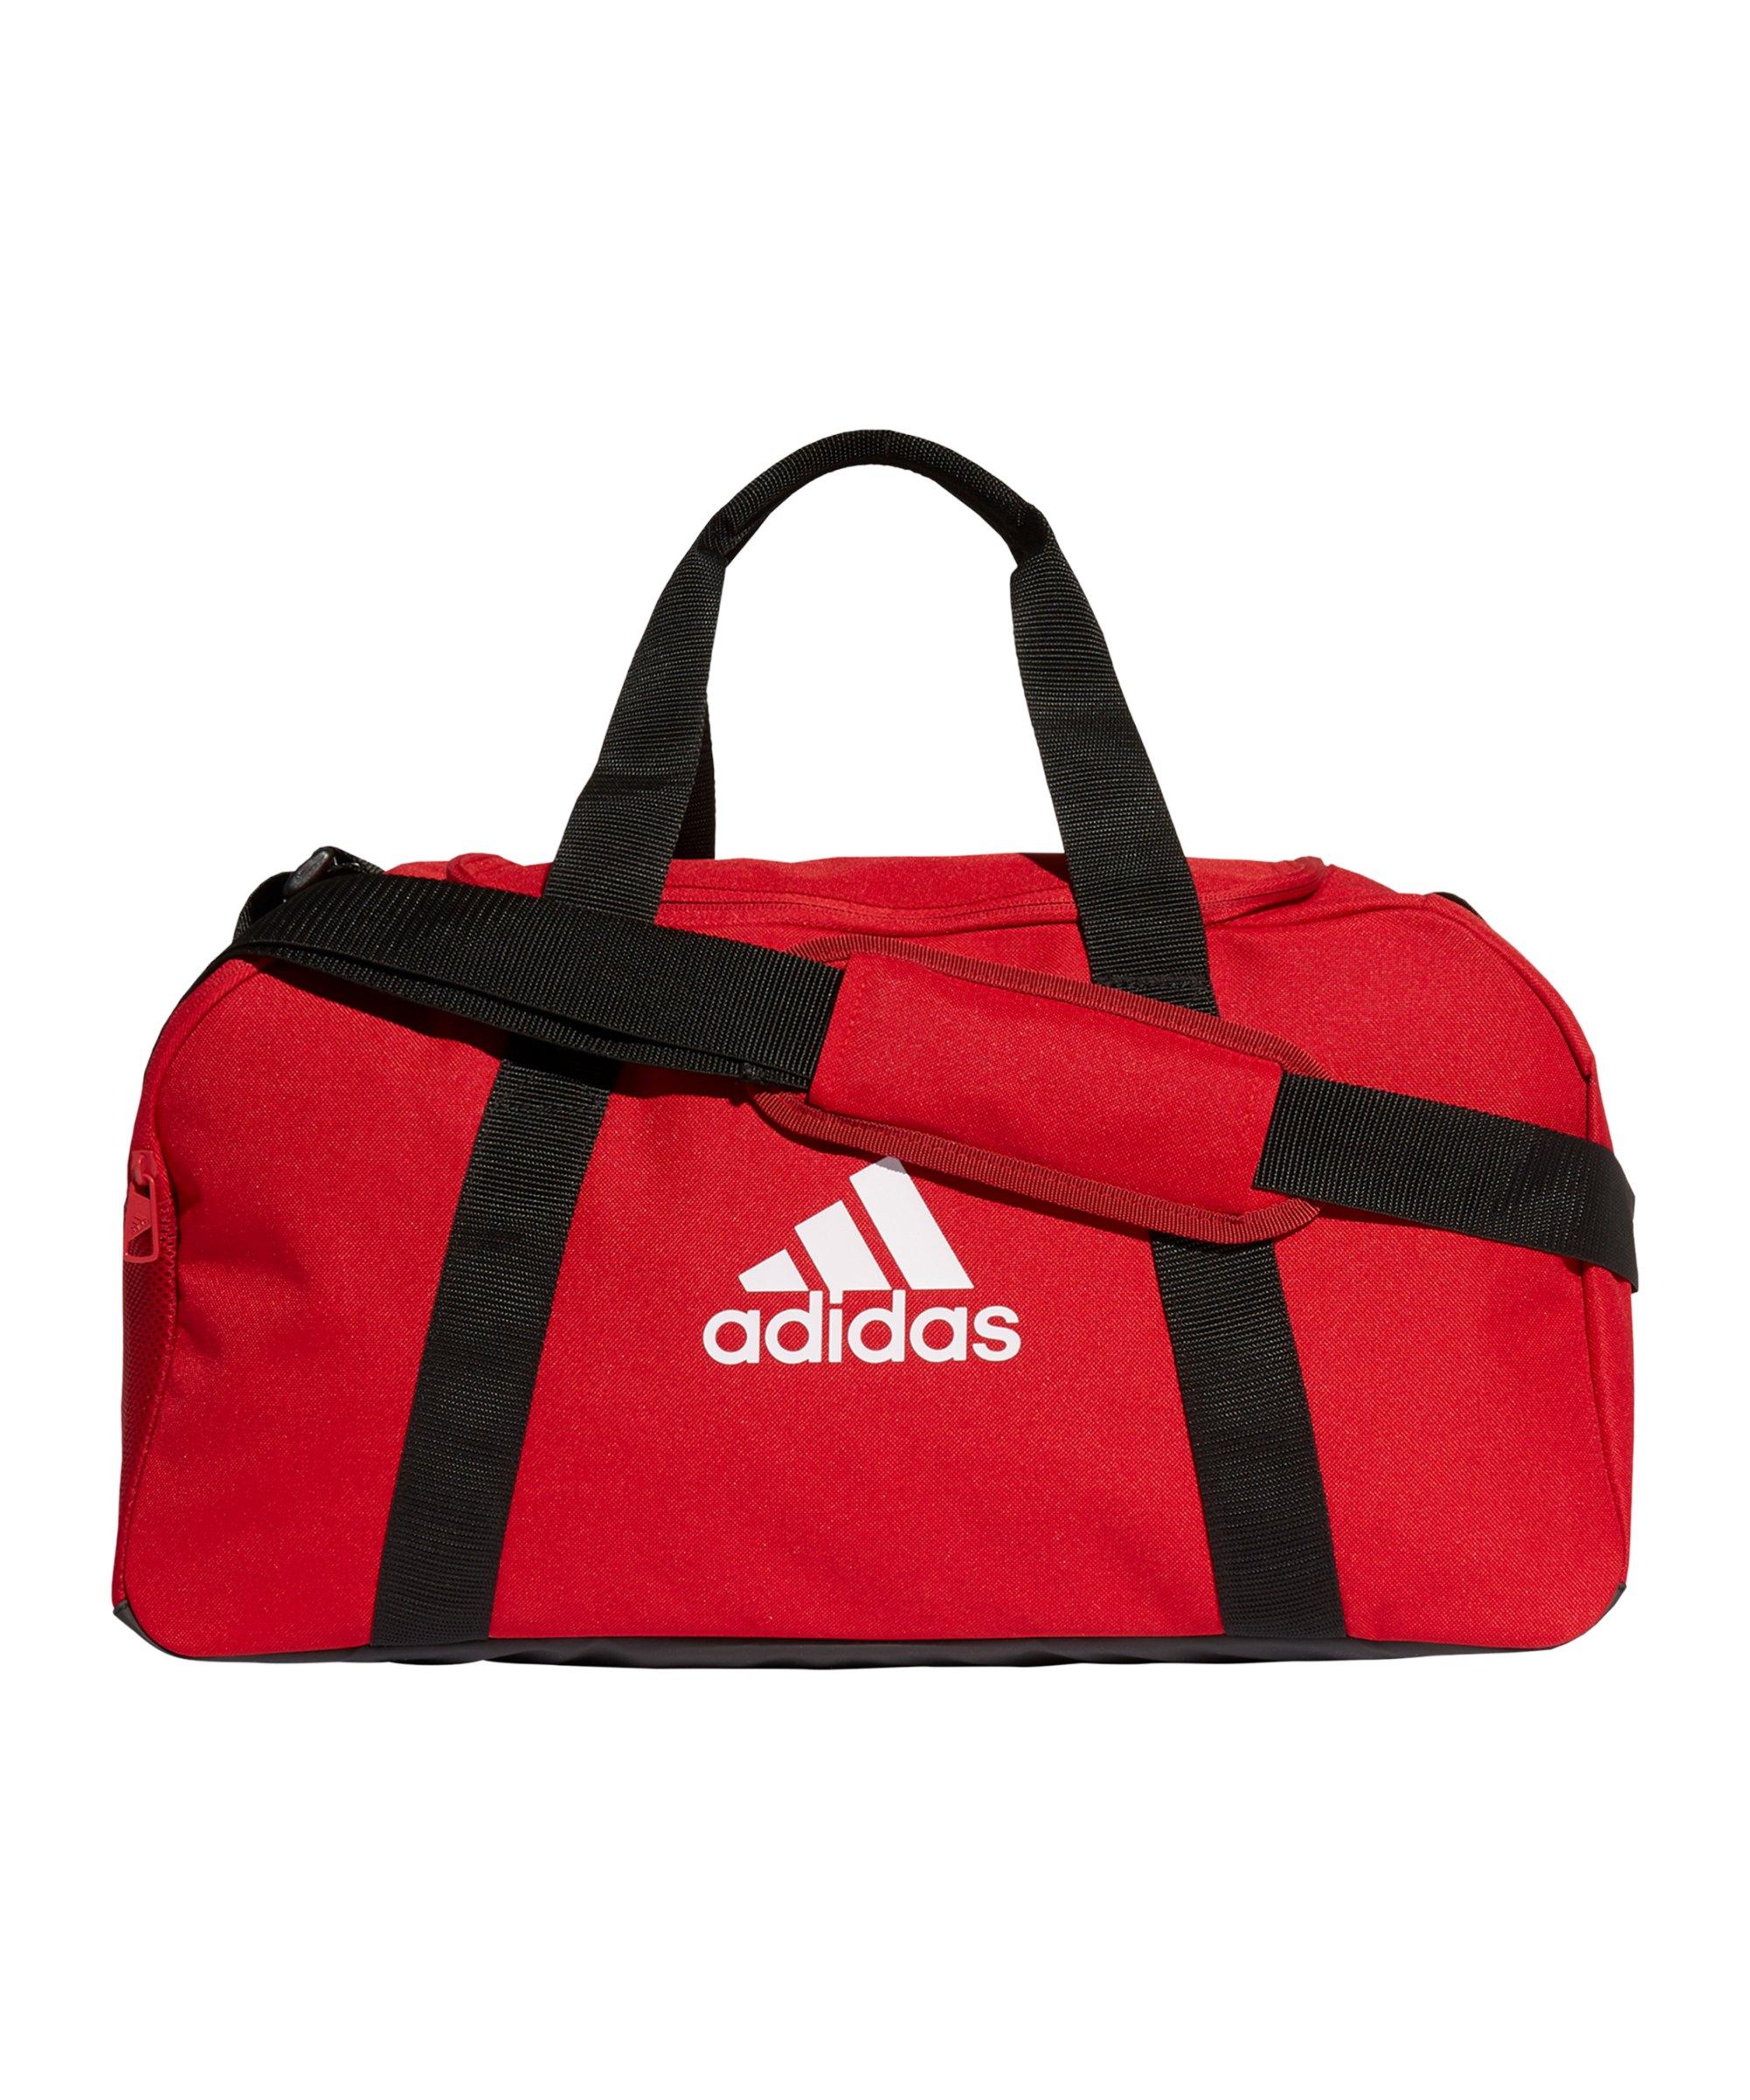 adidas Tiro Duffle Bag Gr. S Rot Weiss - rot